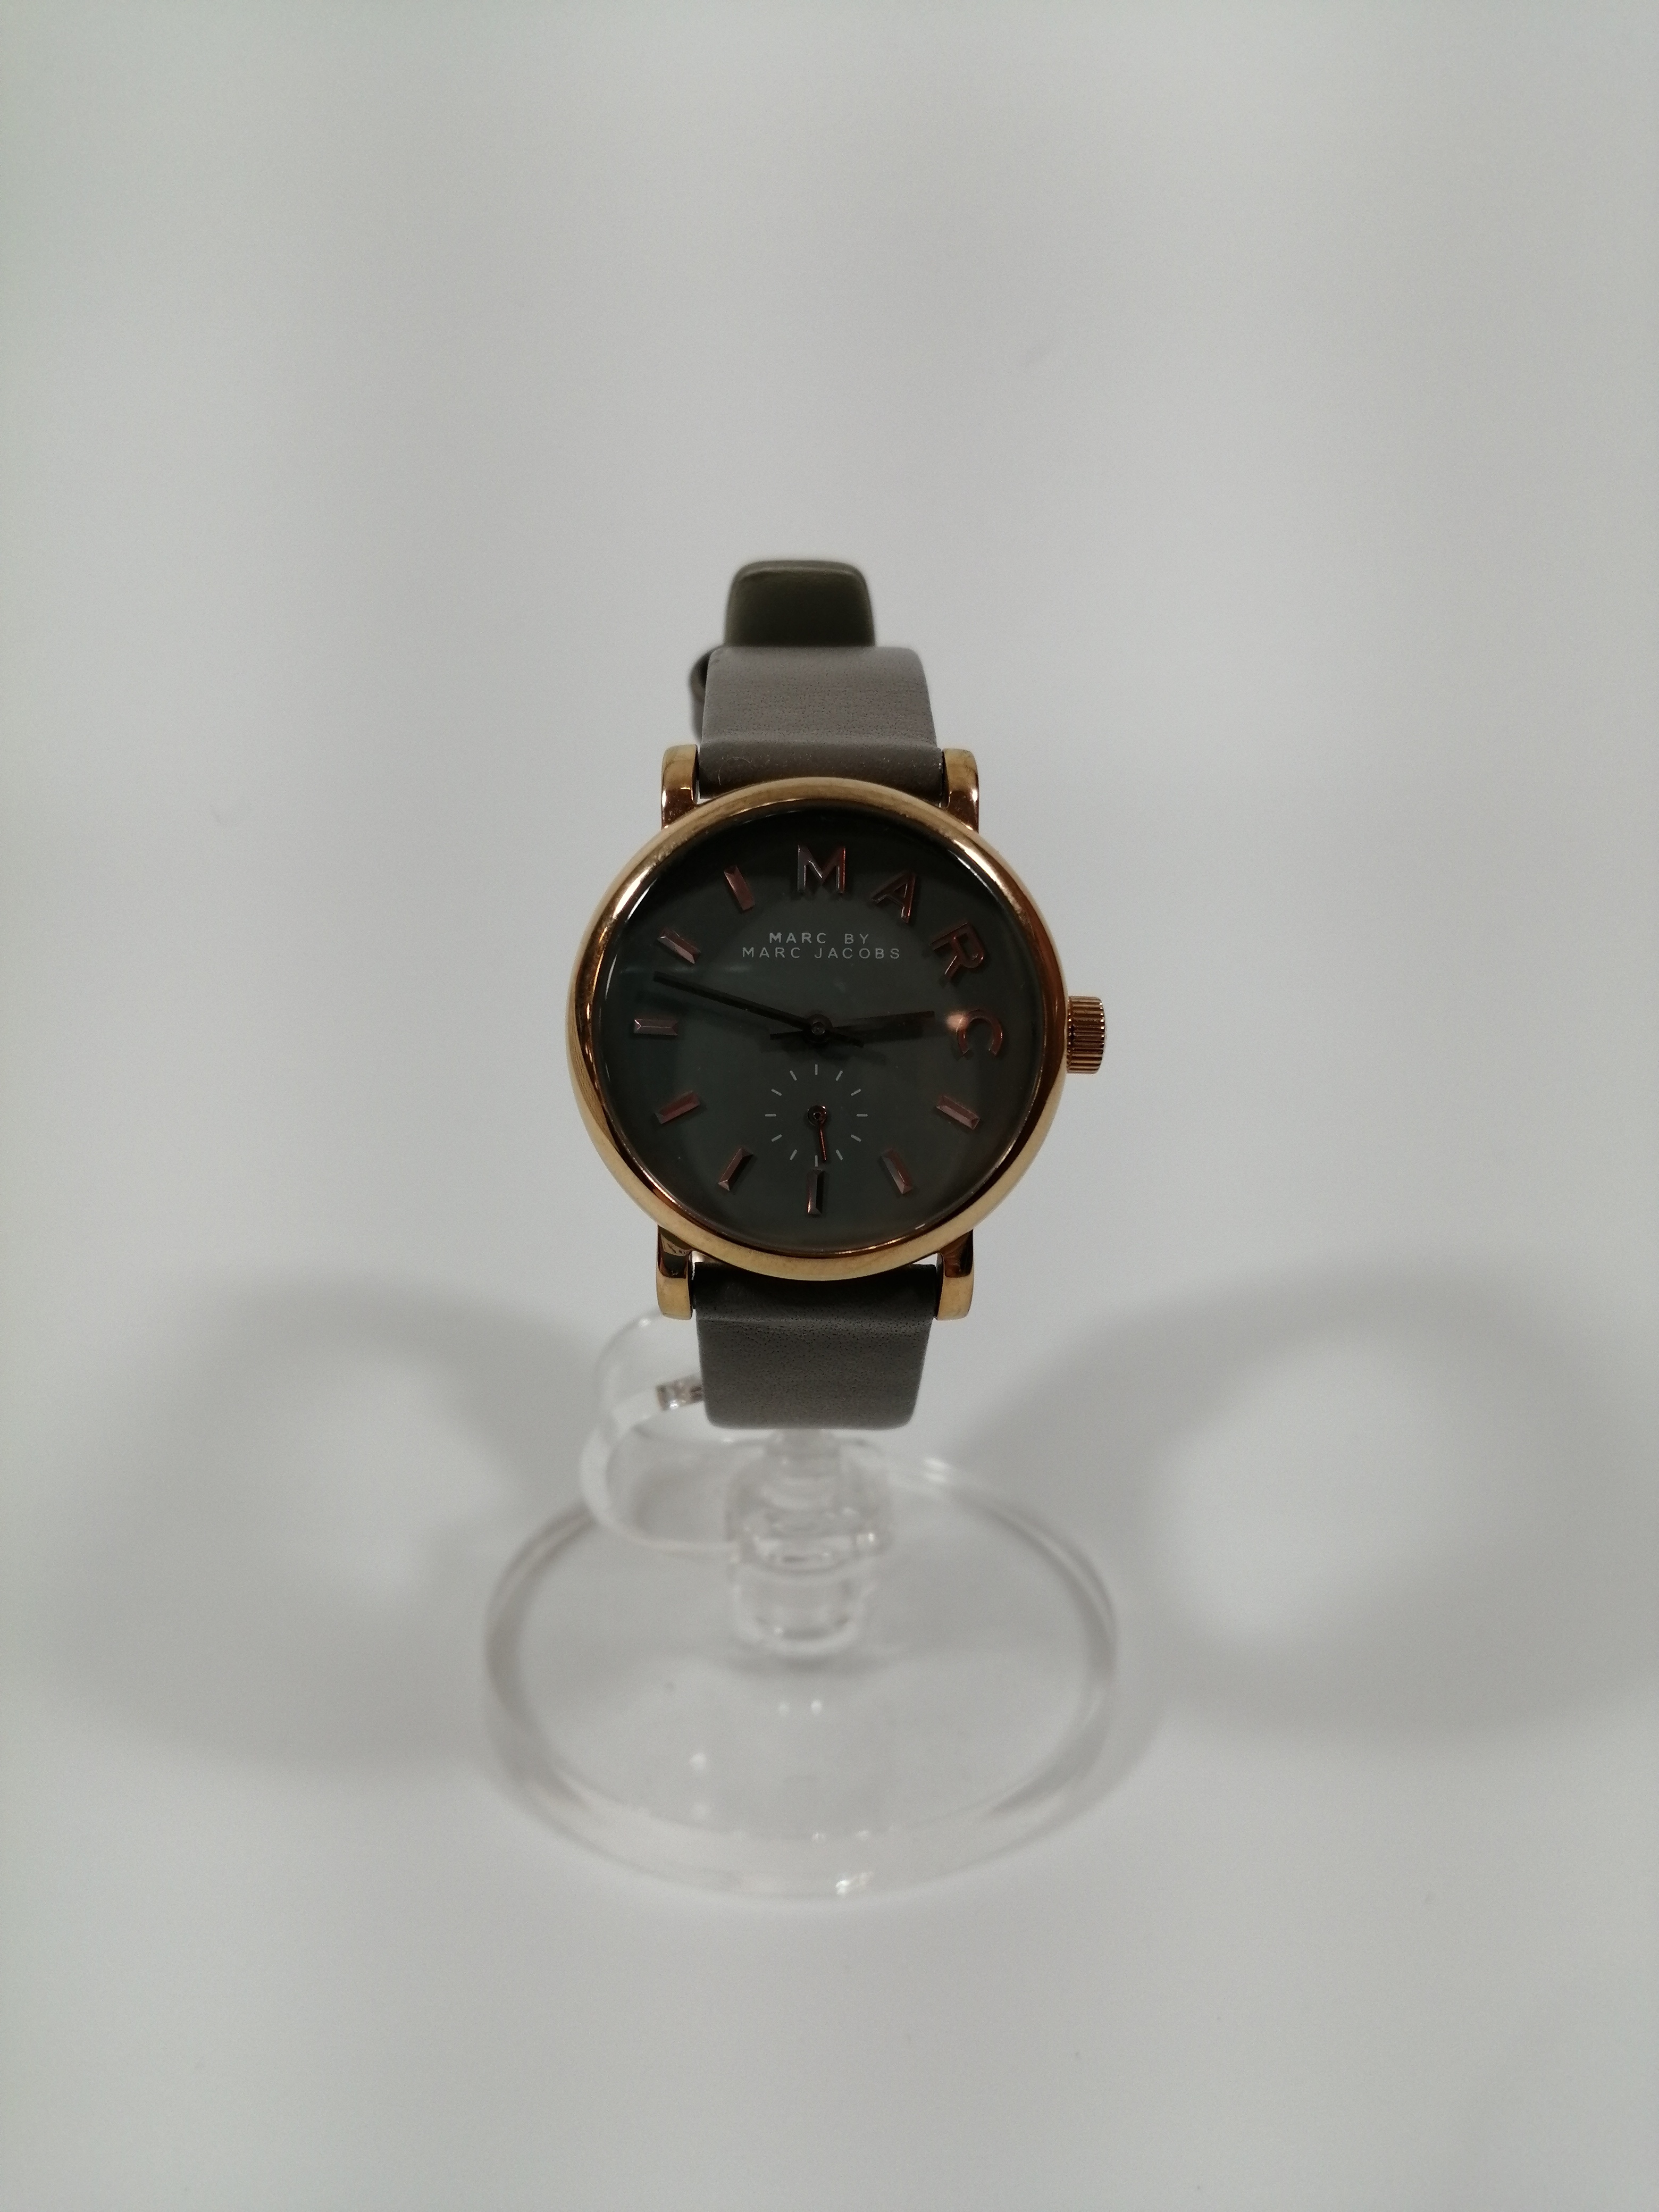 クォーツ腕時計|MARC BY MARC JACOBS